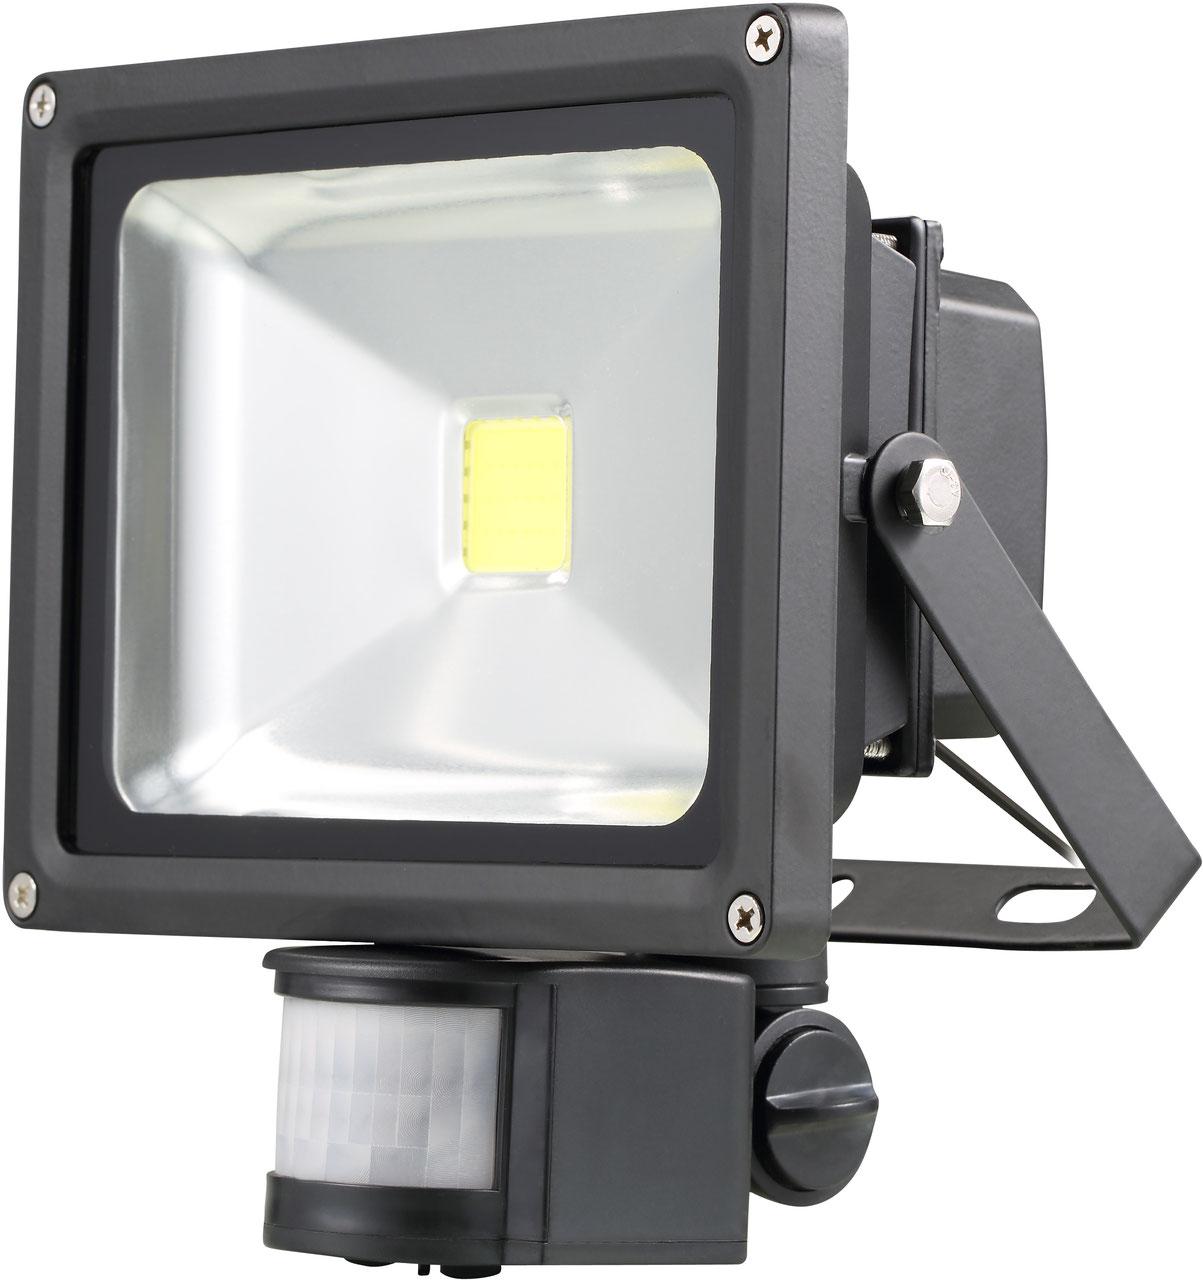 Nordirde 4066 20W COB LED Flutlichtstrahler mit Bewegungsmelder ...